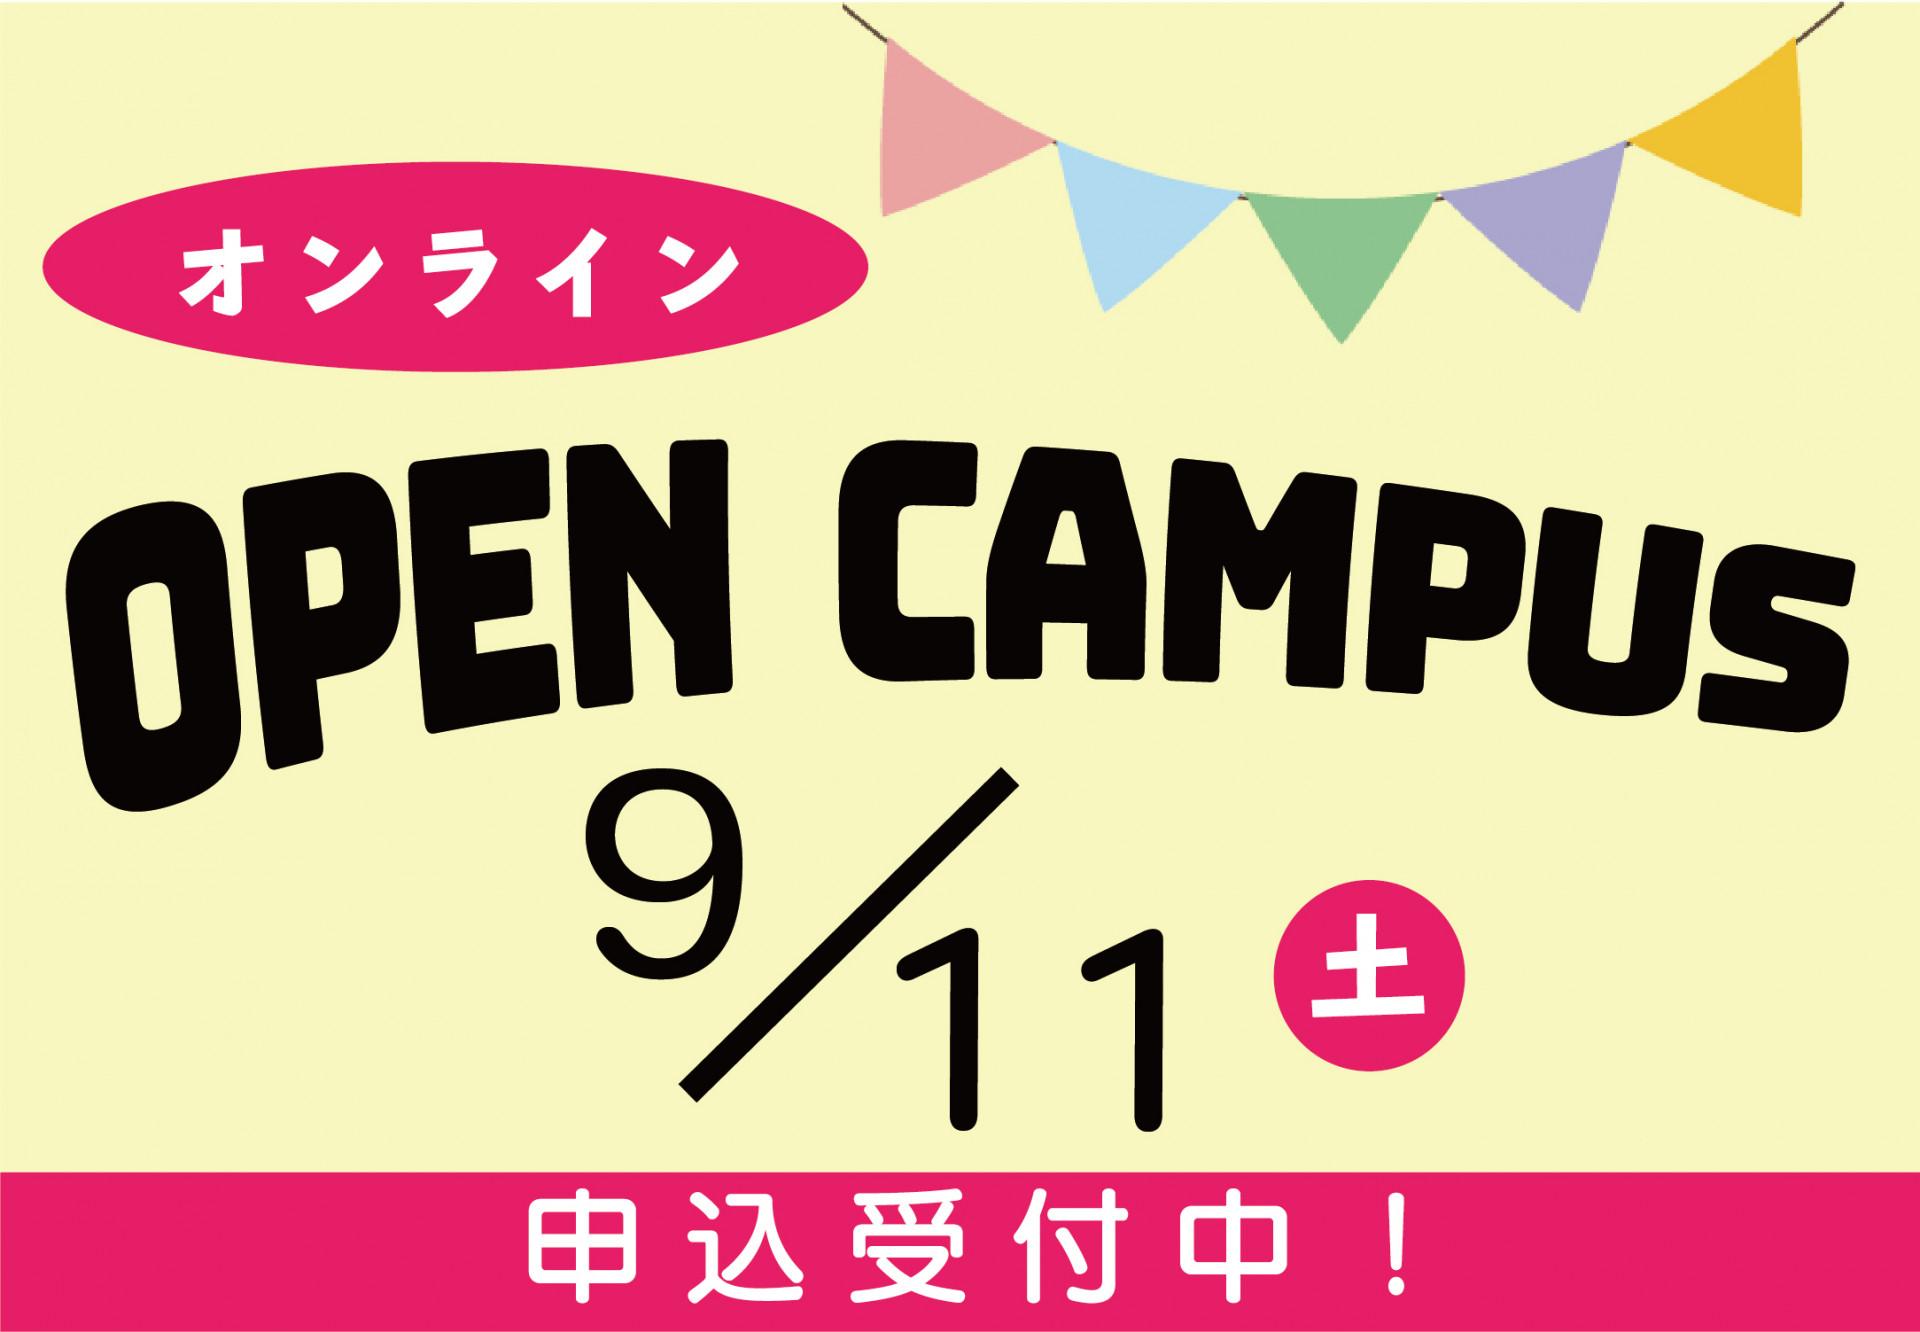 9/11(土)オンラインオープンキャンパス開催のお知らせ サムネイル